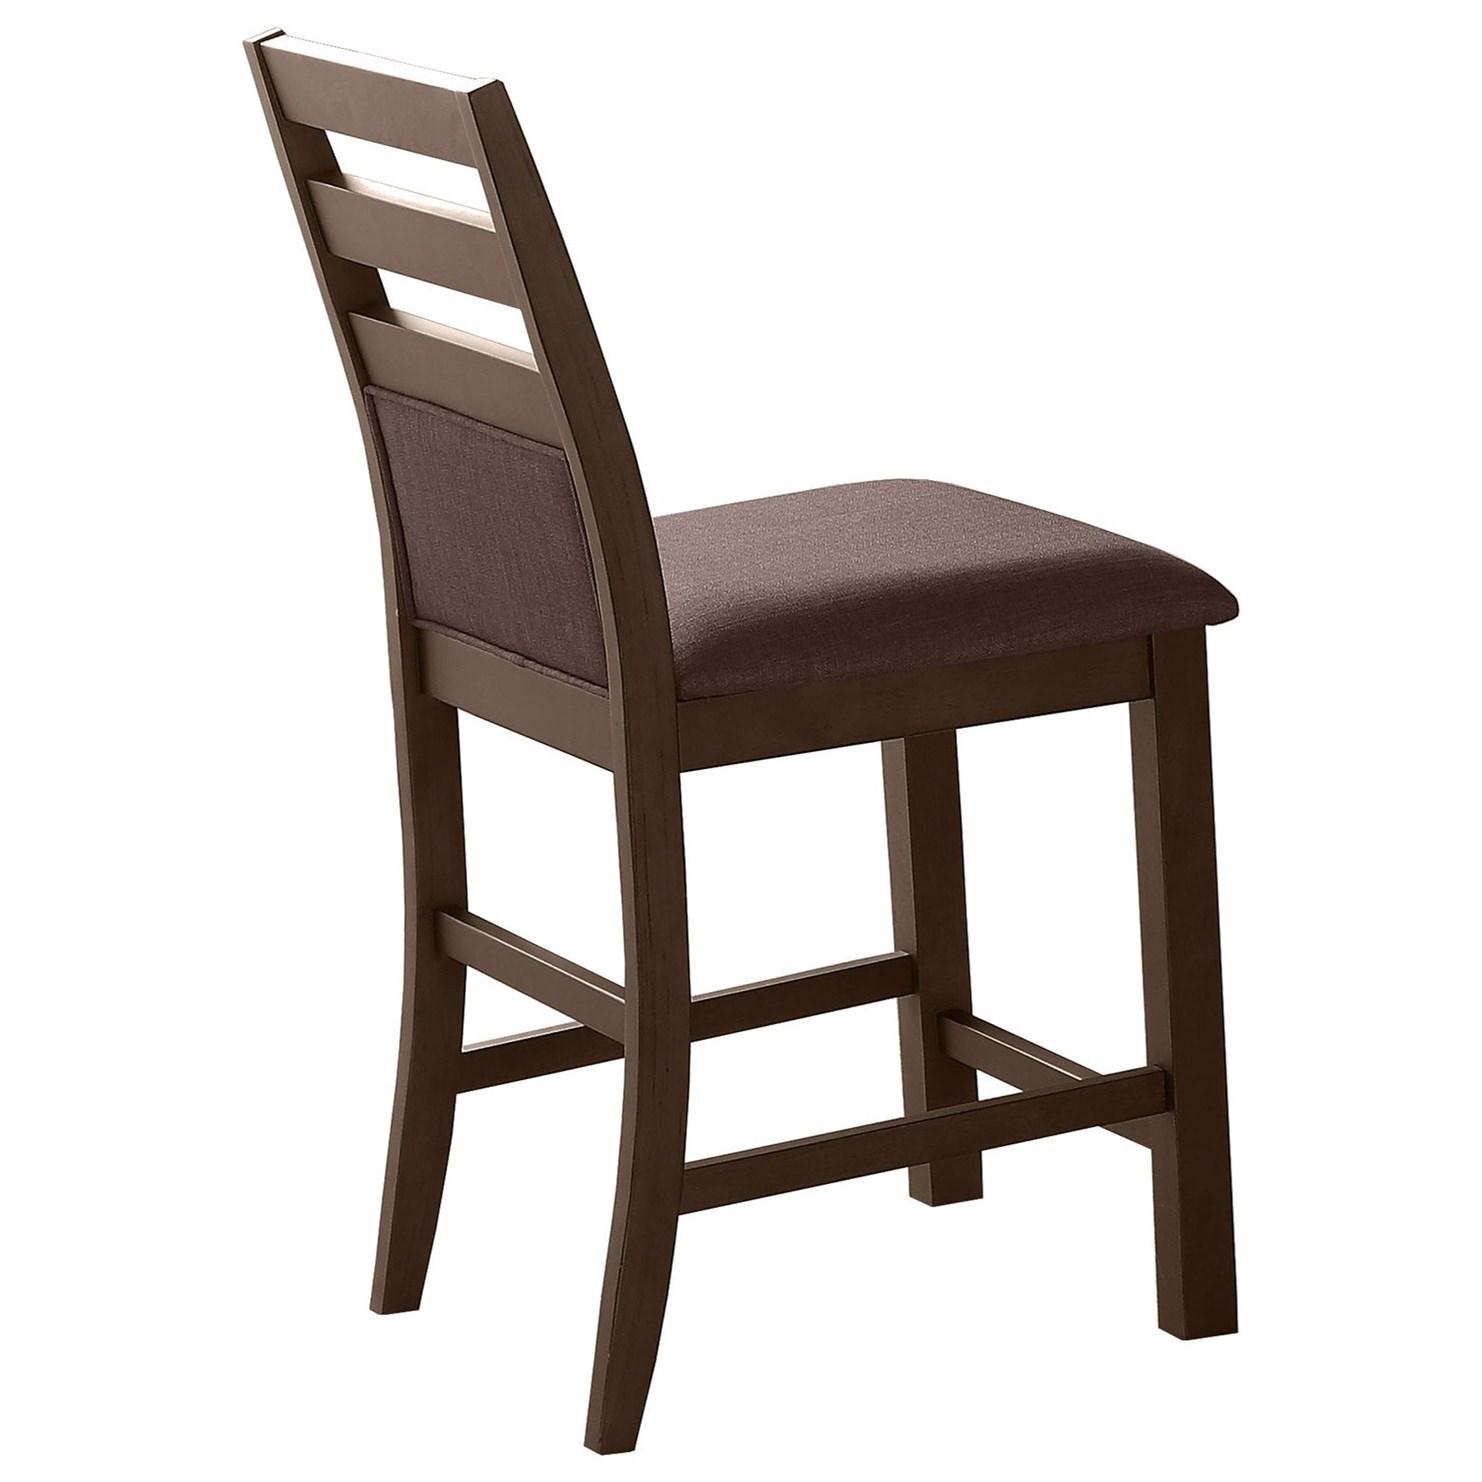 Ladder Barstool